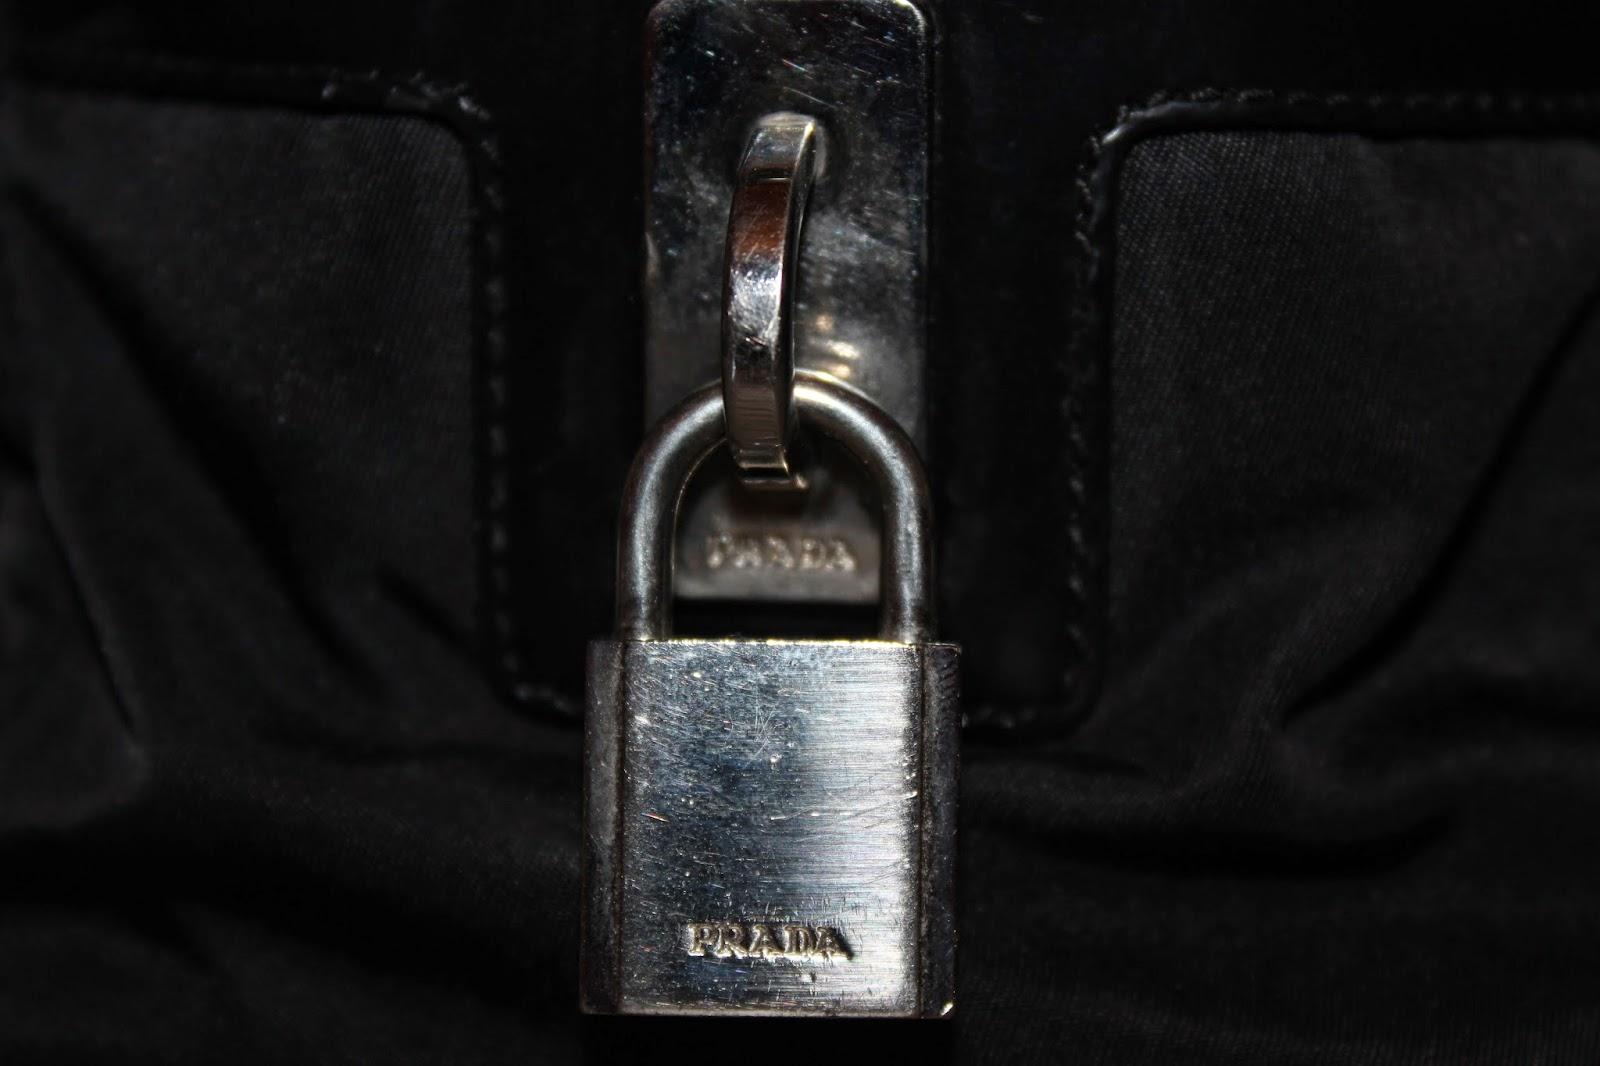 18c48f527f -Un dettaglio molto importante è la R di Prada nel logo e nella targhetta  interna. La gambetta della R infatti deve avere una piccola fessura ...